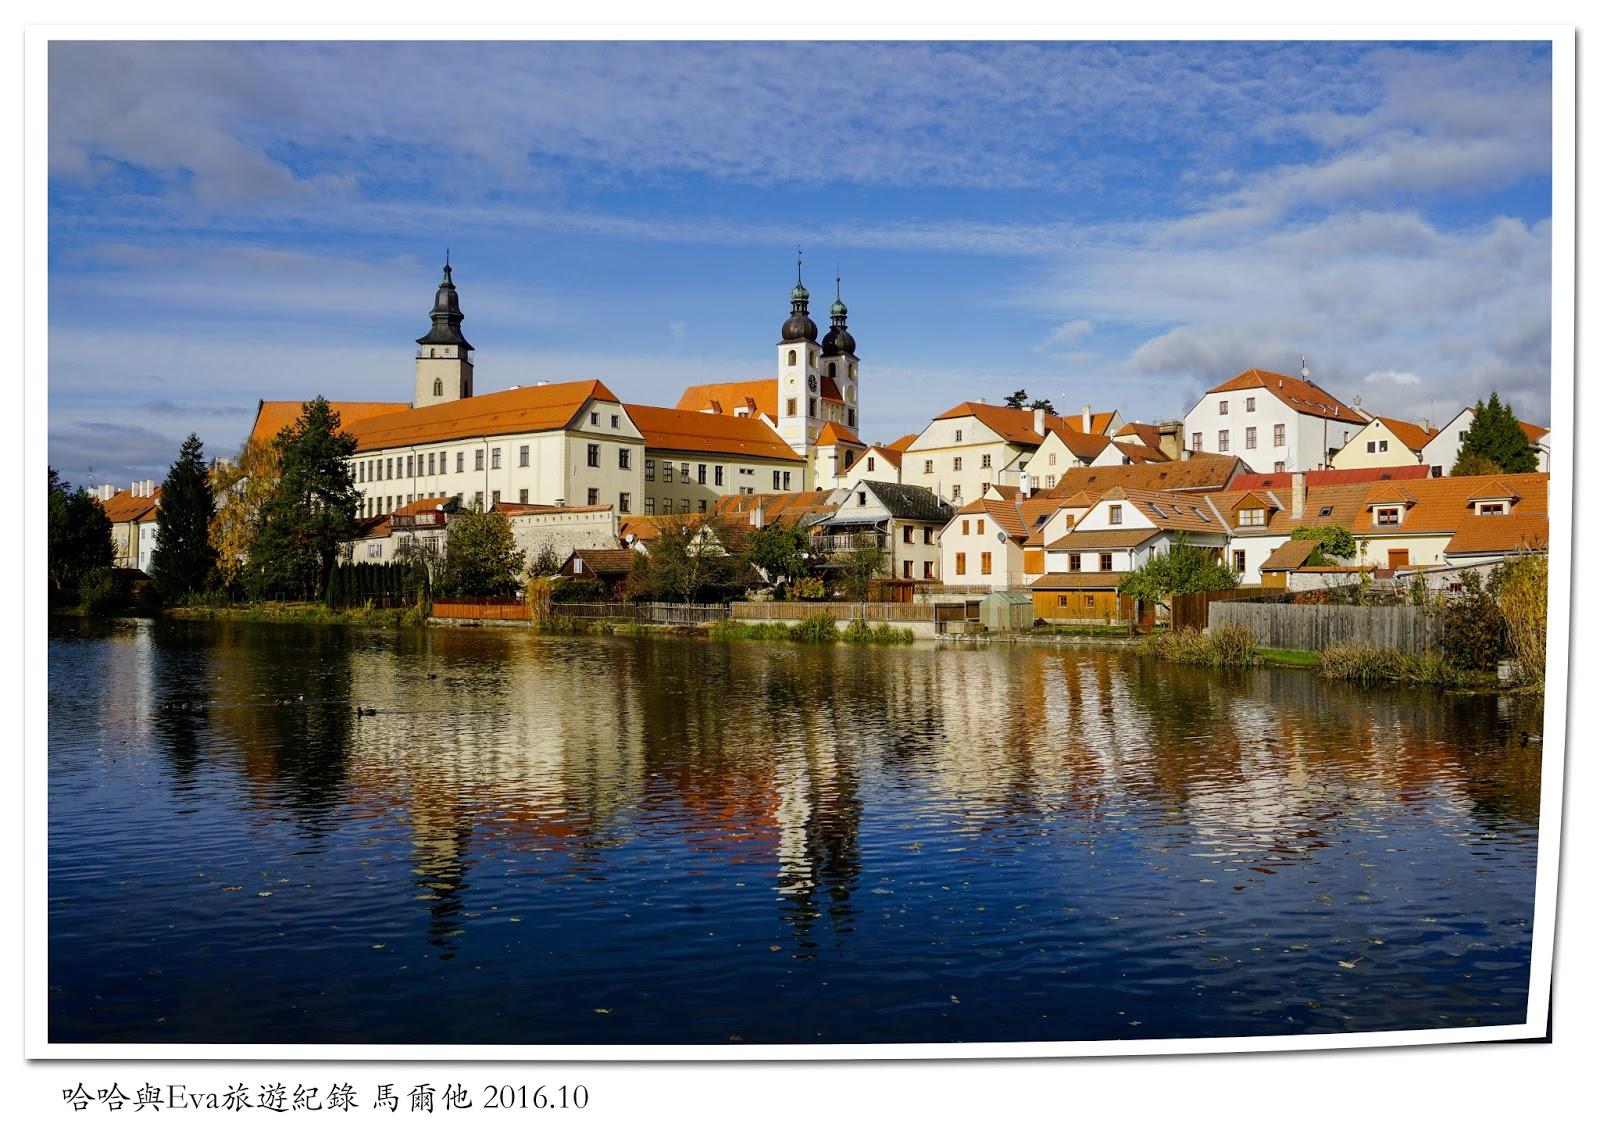 [捷克] 寧靜的童話般小鎮與美麗的河岸步道 Telc - 哈哈 與 EVA 旅遊紀錄